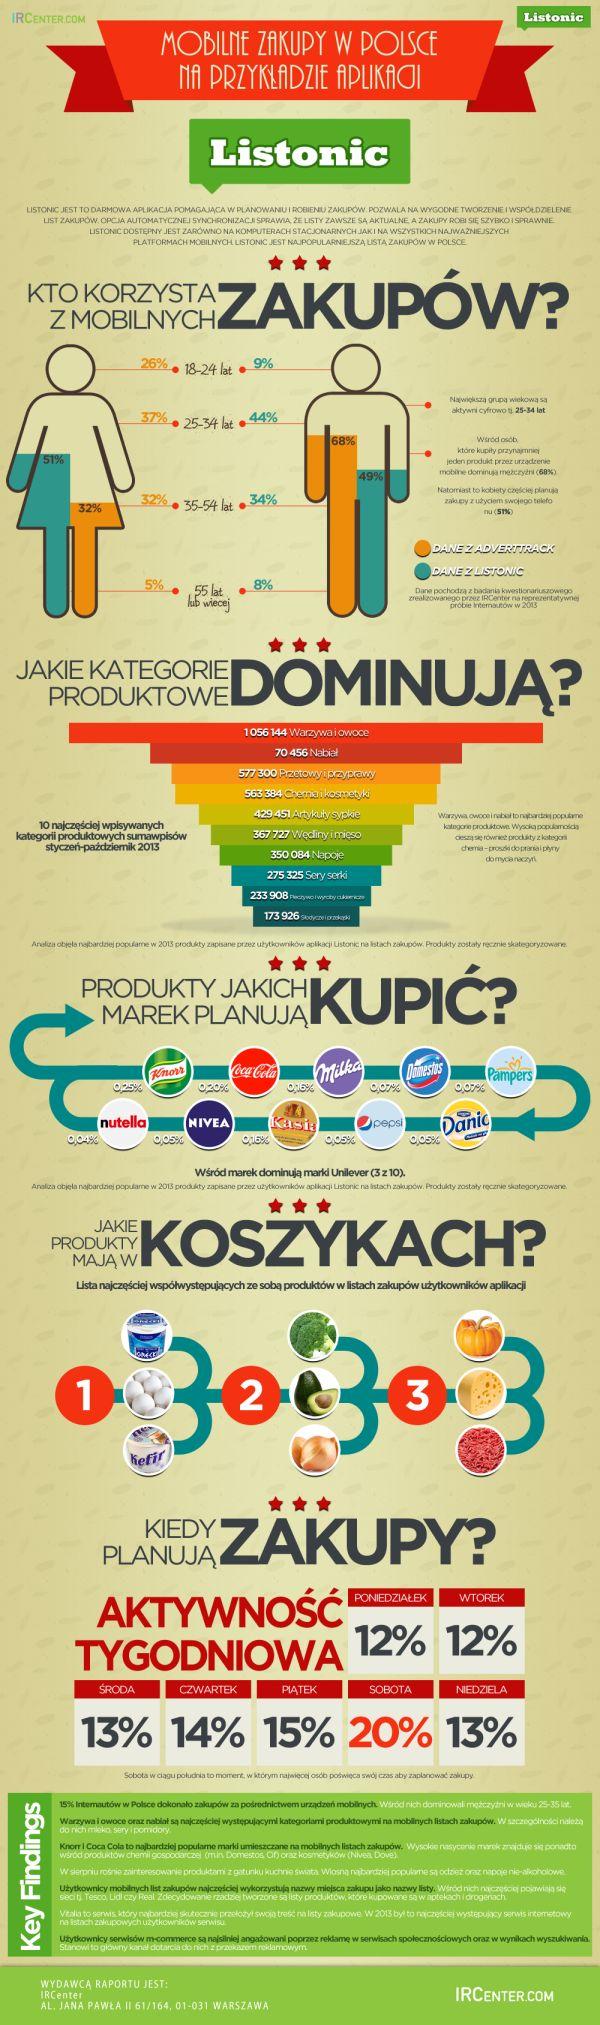 Mobilne zakupy w Polsce na przykładzie aplikacji Listonic